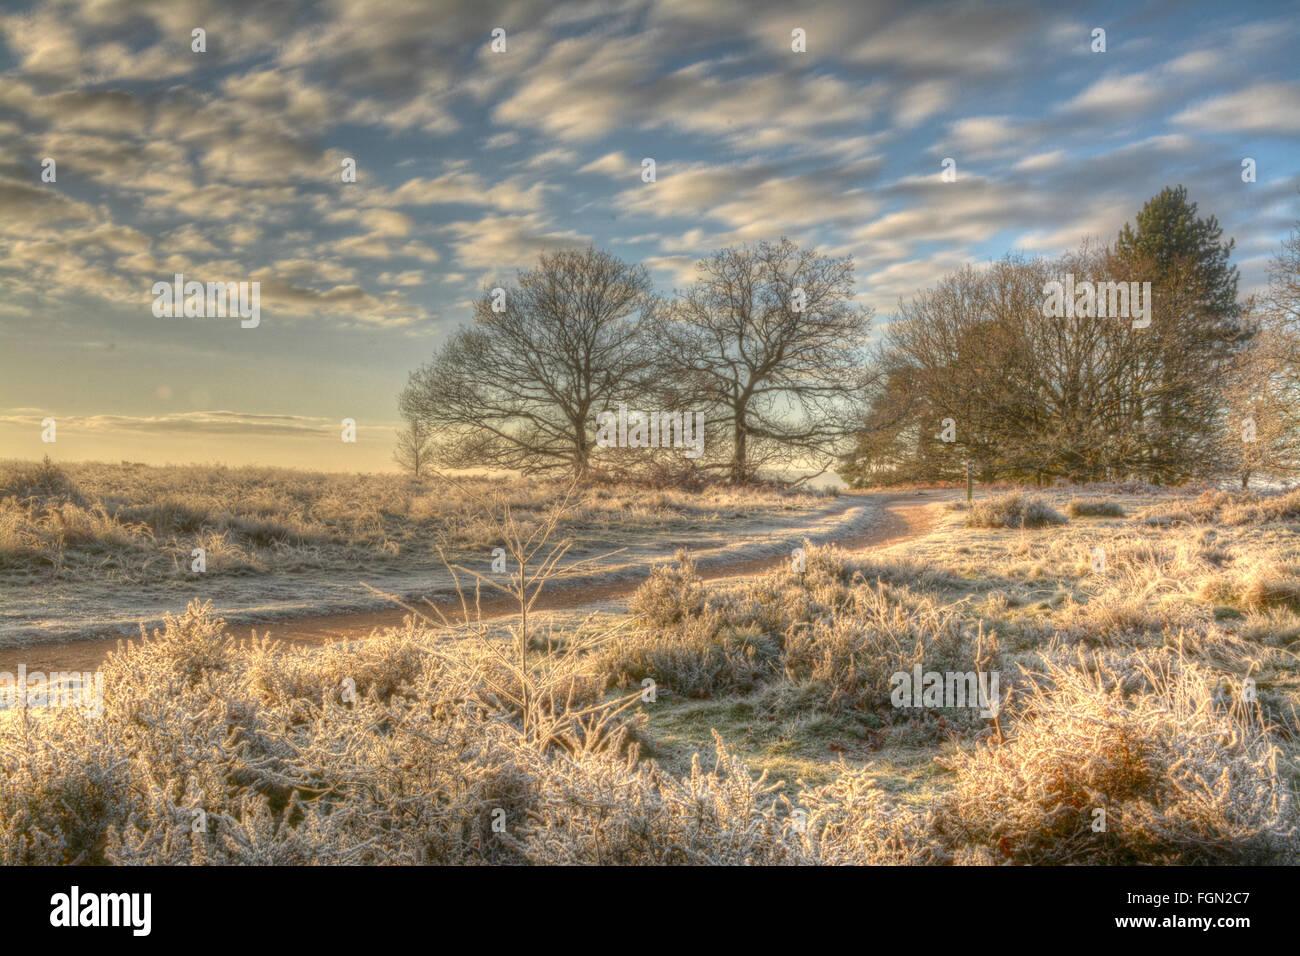 Paesaggio invernale a Puttenham comune, Surrey, Inghilterra, con gelo, alberi nudo, cielo blu e soffici nuvole bianche. Immagini Stock